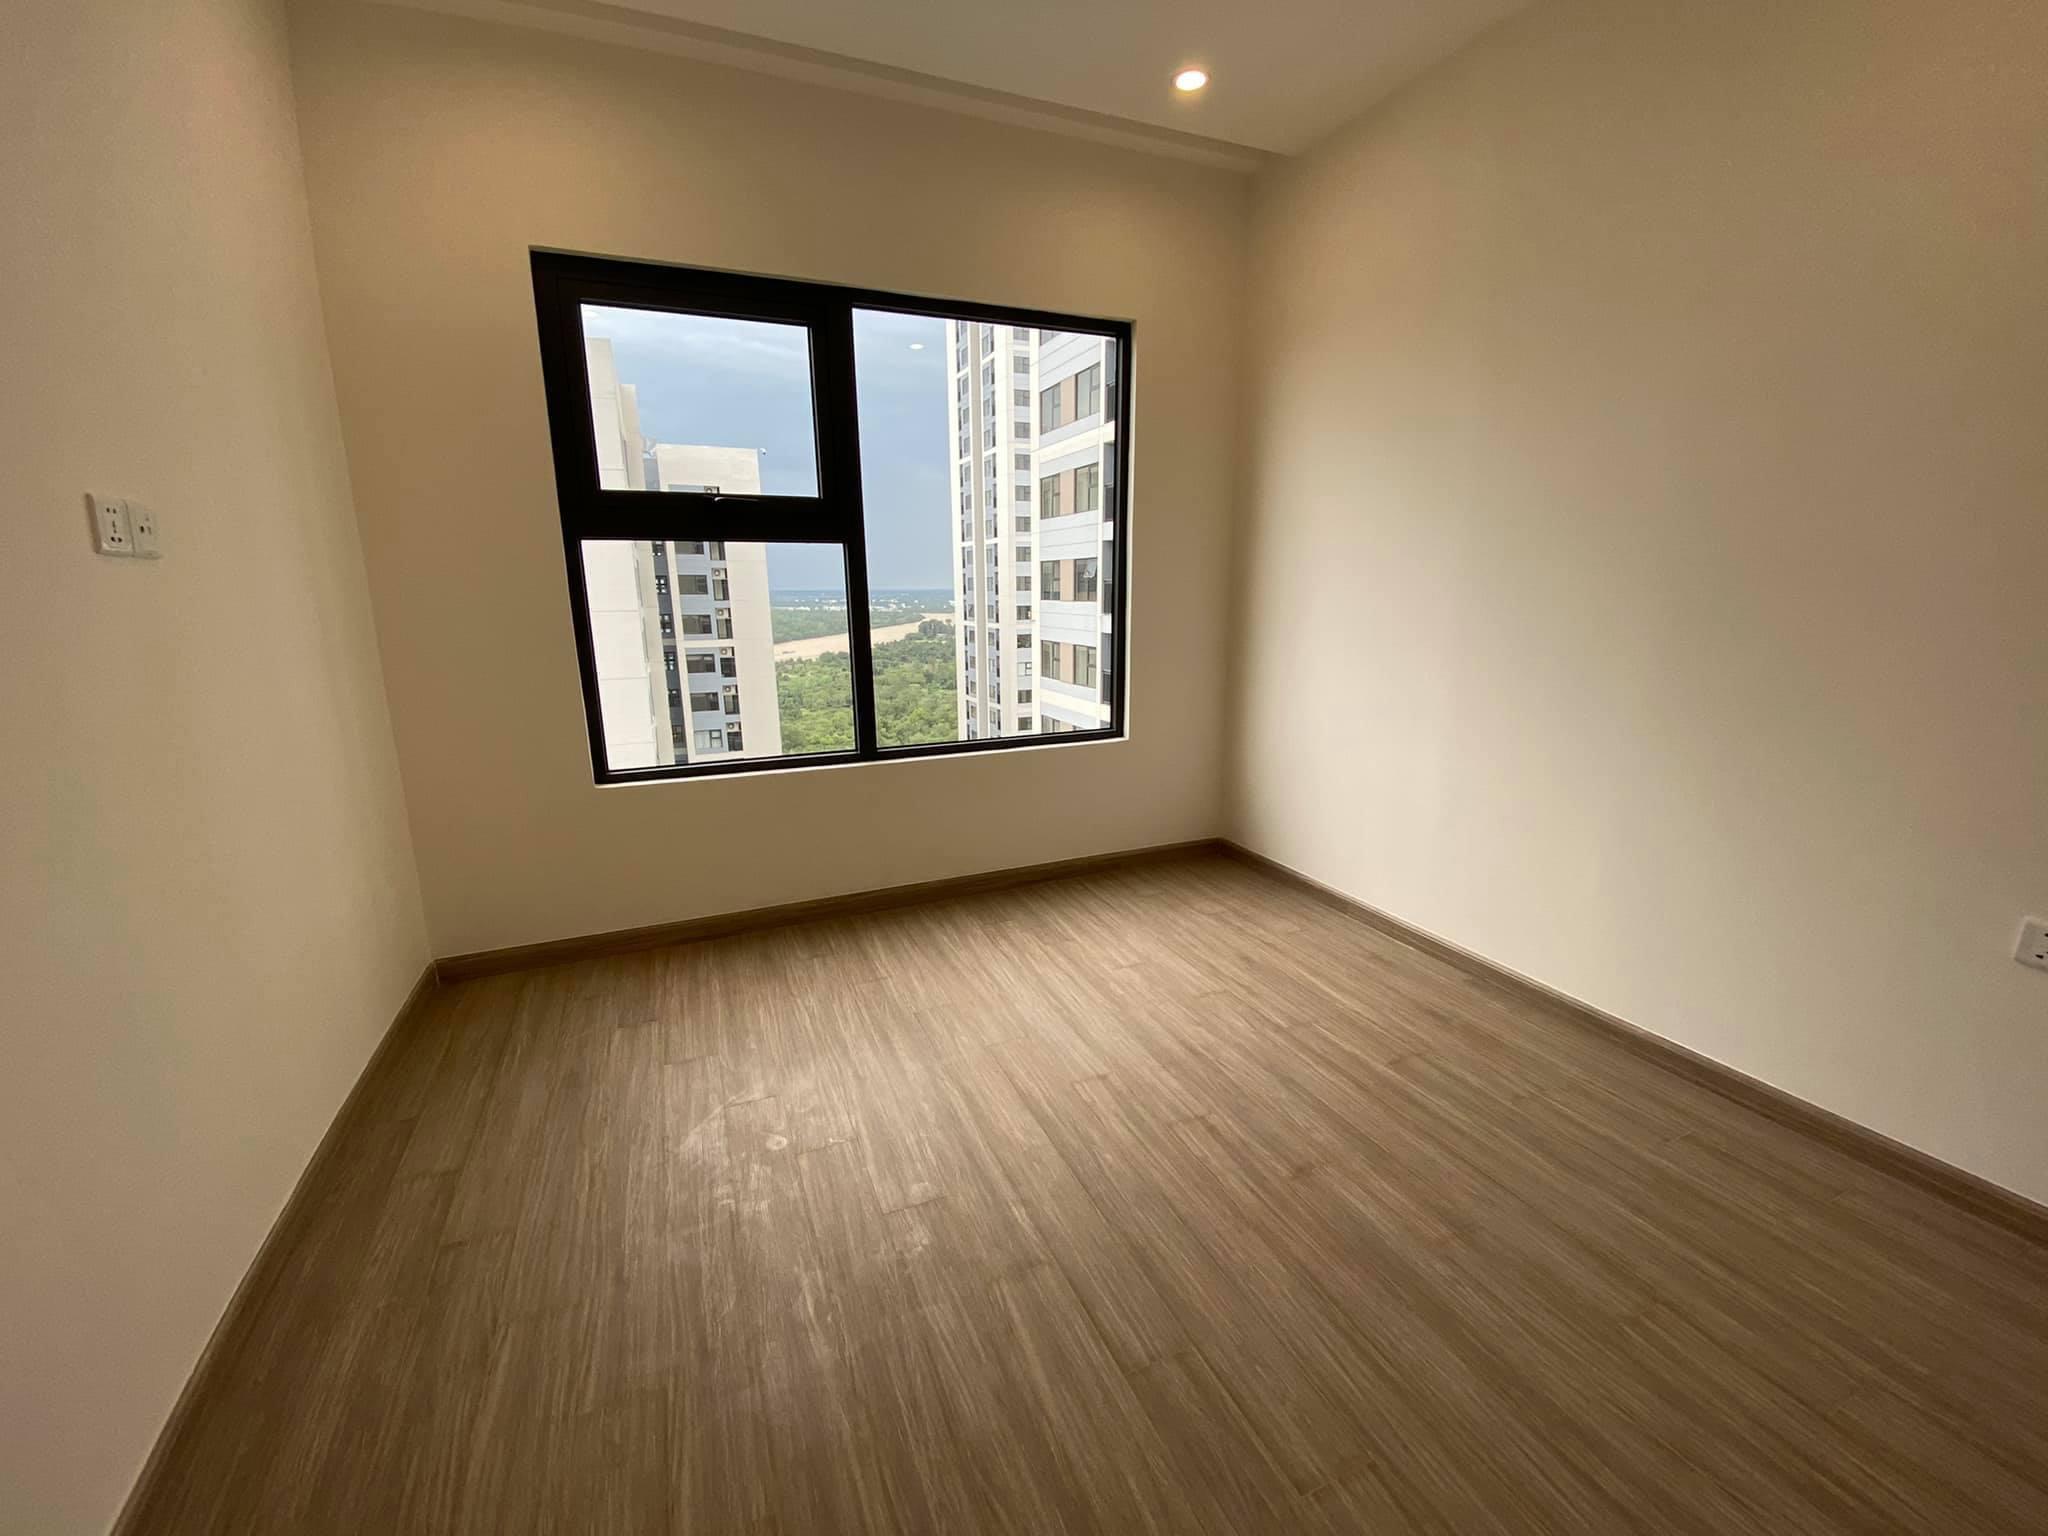 Cho thuê Căn hộ 3 phòng ngủ 83m2 trống 9tr/tháng S3.02 Vinhomes Grand Park 1